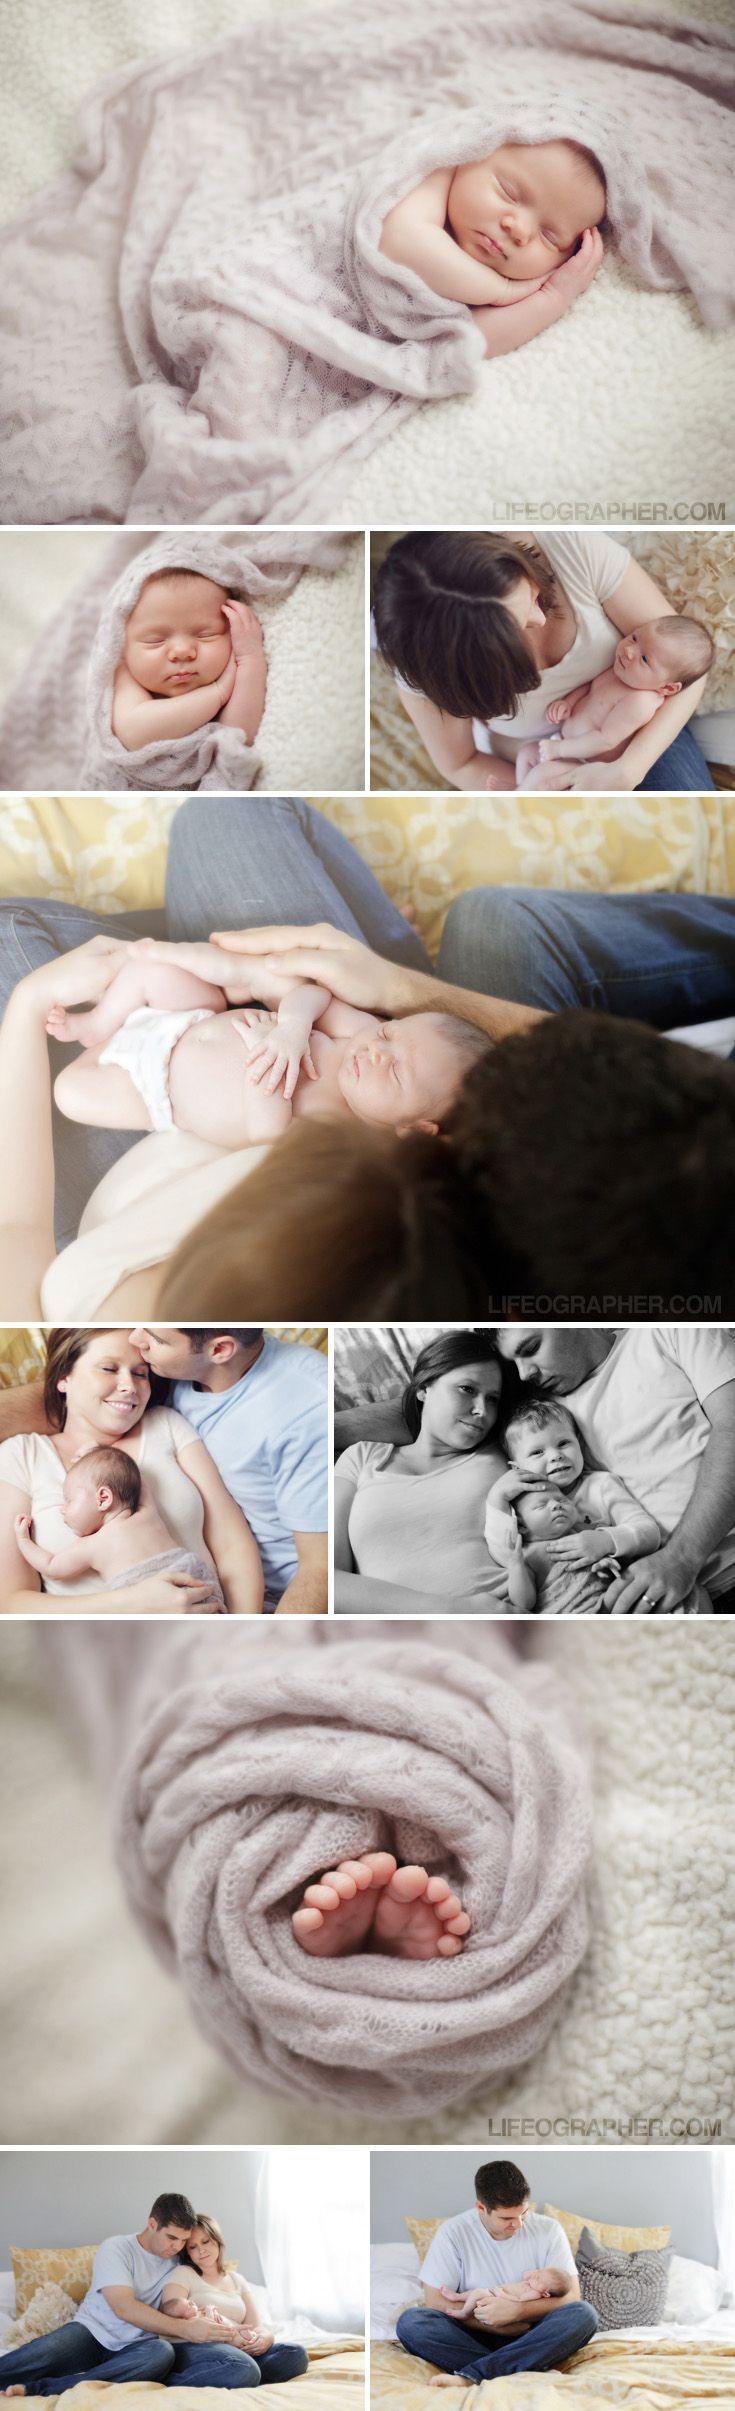 beautiful work #NewbornPhotography